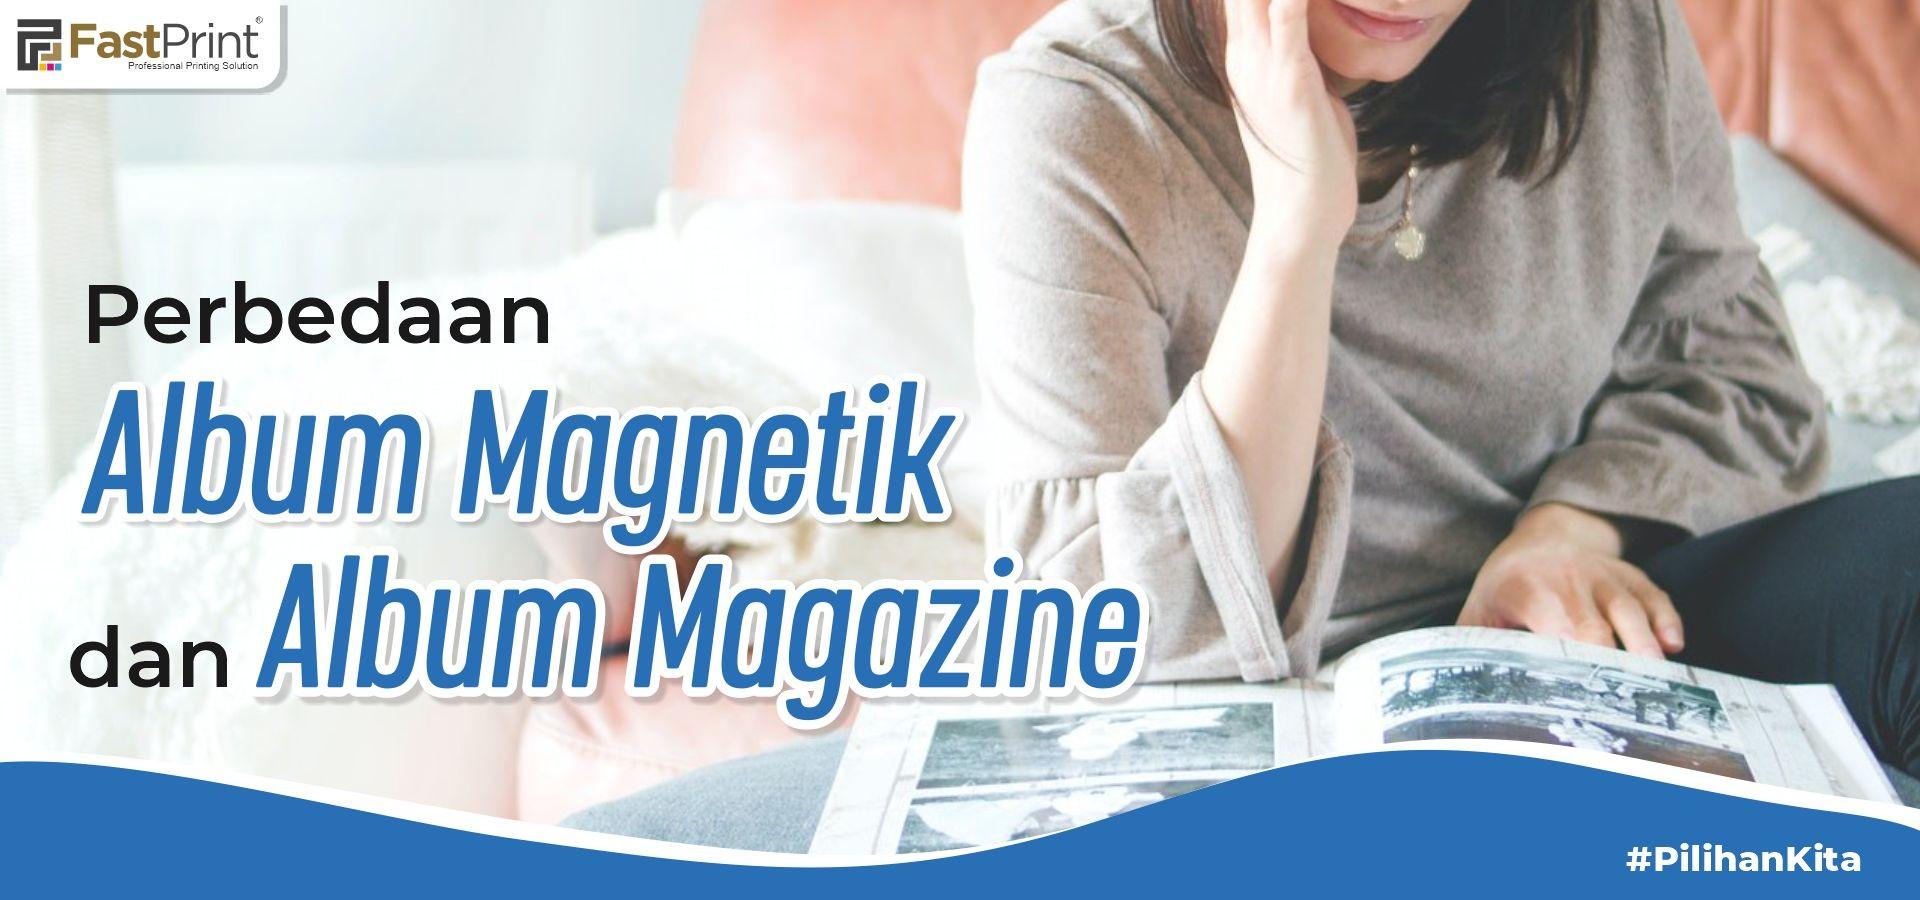 album magnetik adalah, perbedaan album magetic dan album magazine, album magazine